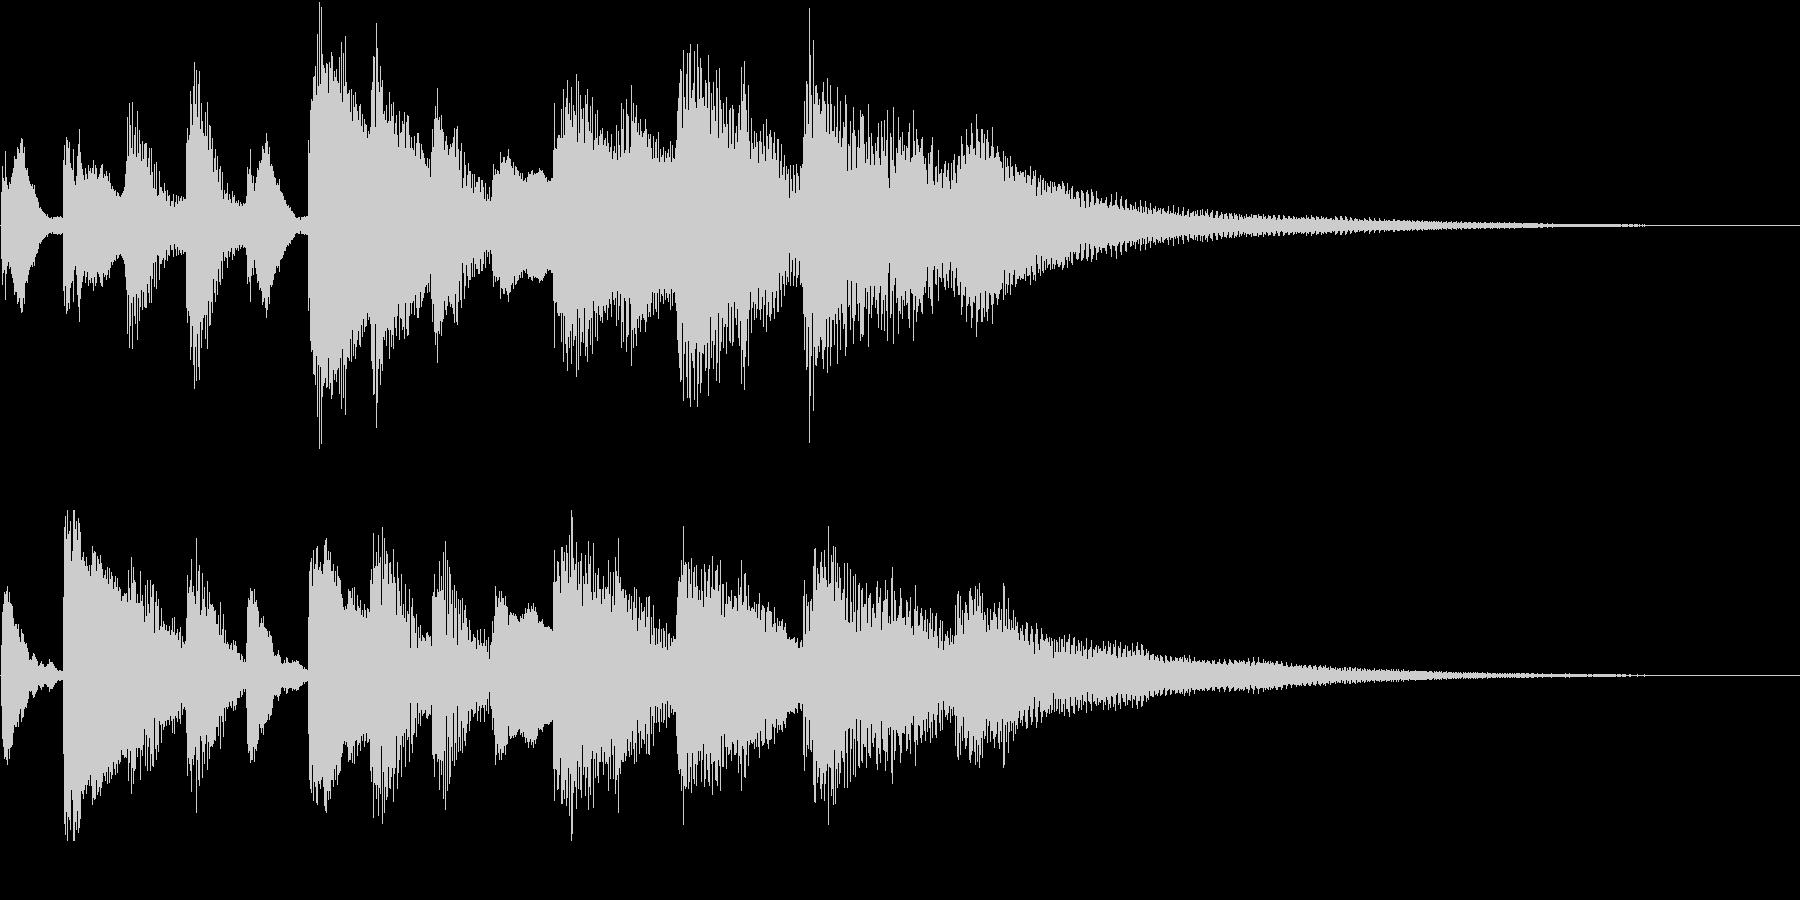 ソナチネの様なピアノのジングル の未再生の波形